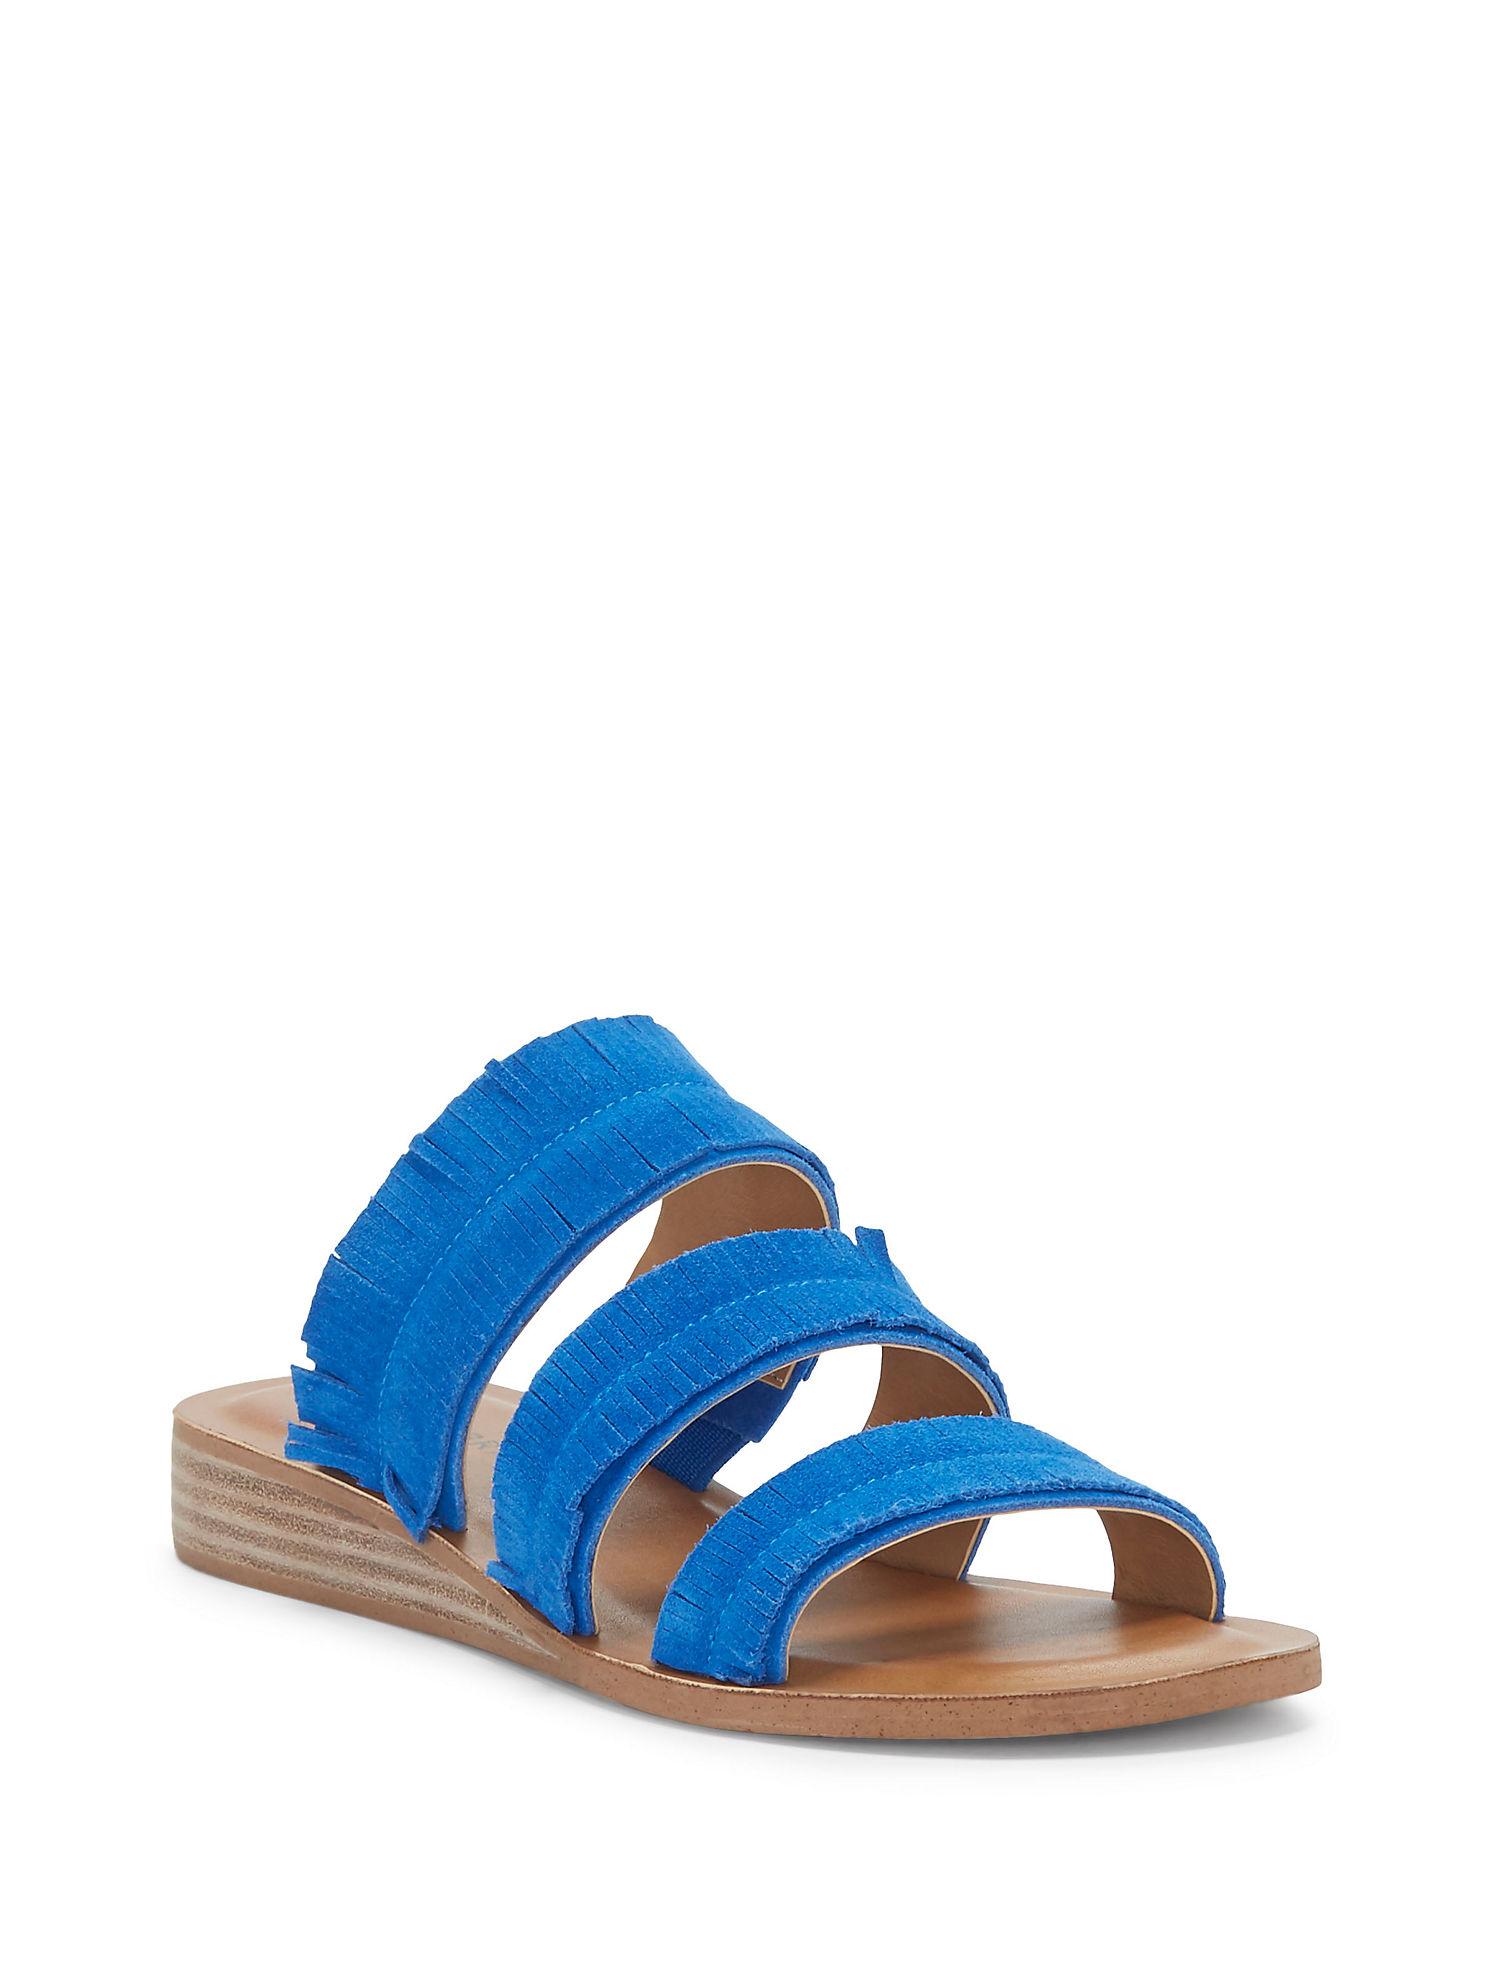 2f96e1dc5672ff Hegen Slide Sandal